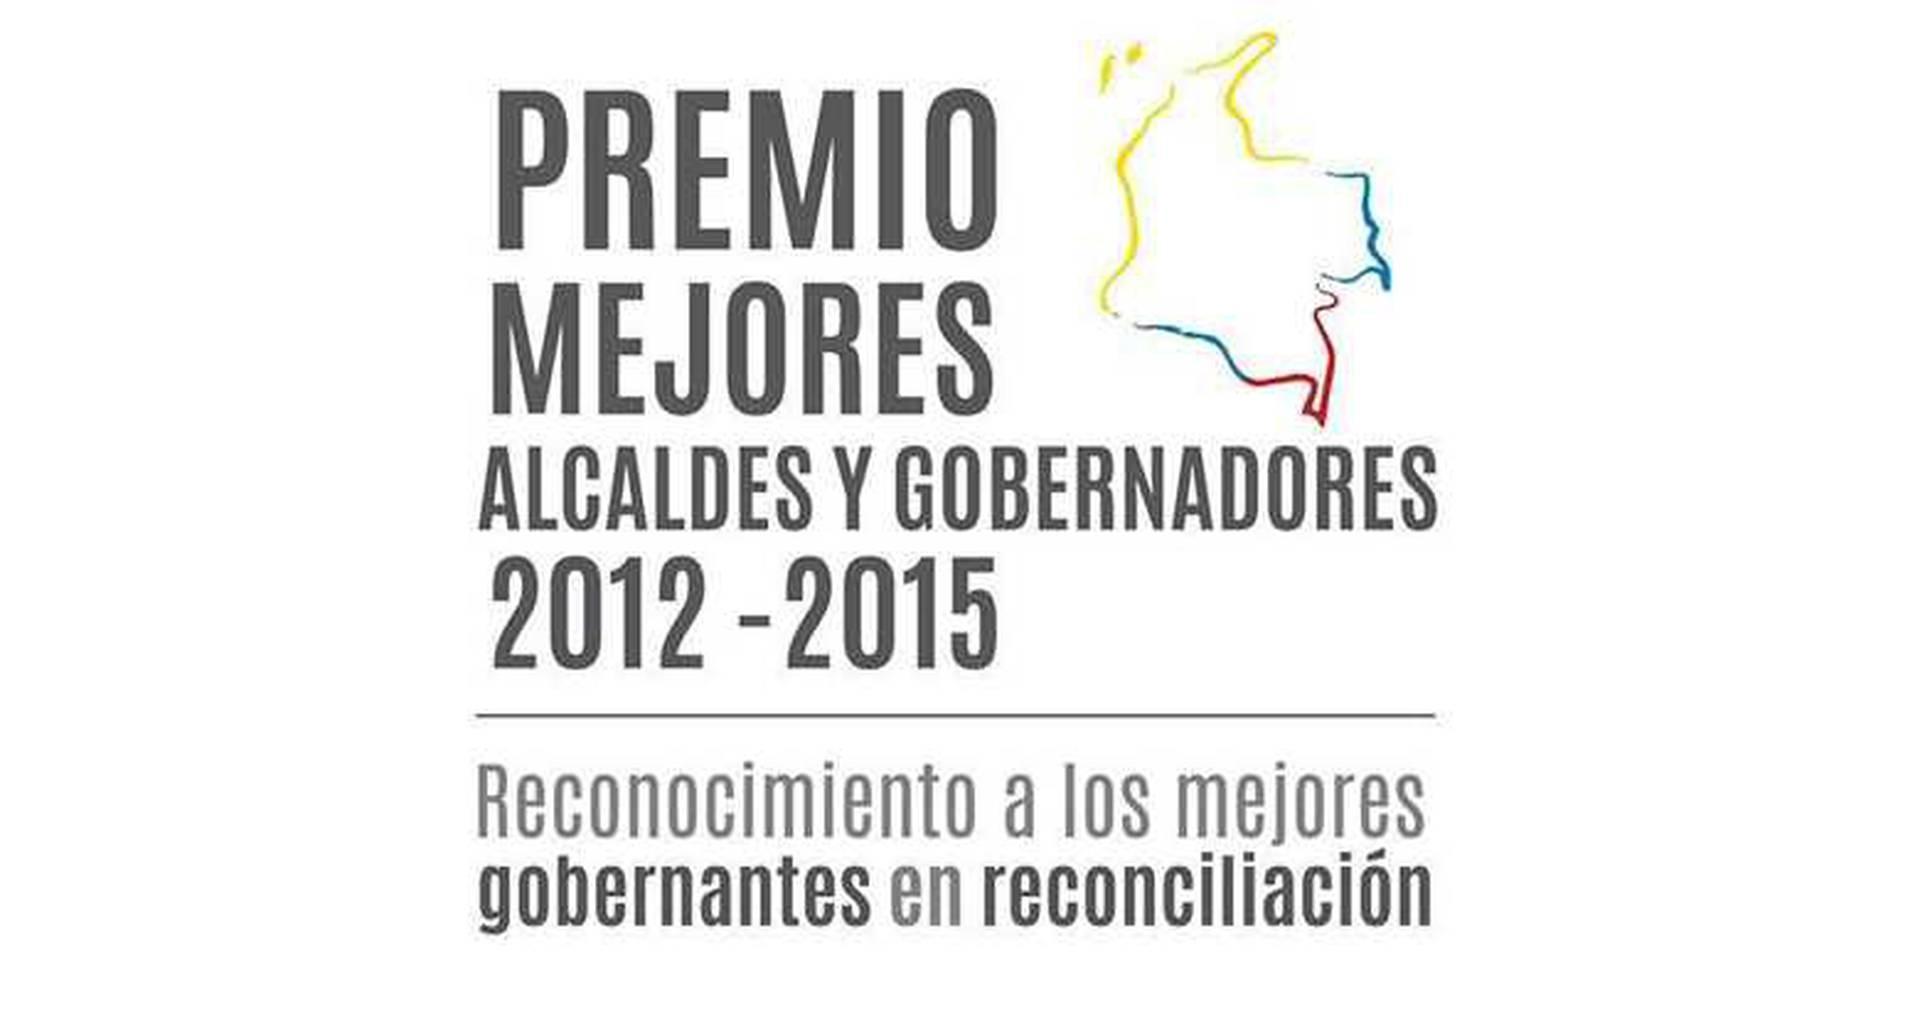 La premiación se realizará en las instalaciones de la Universidad Santo Tomás – Carrera 9 No. 72 – 90 Bogotá, D.C.